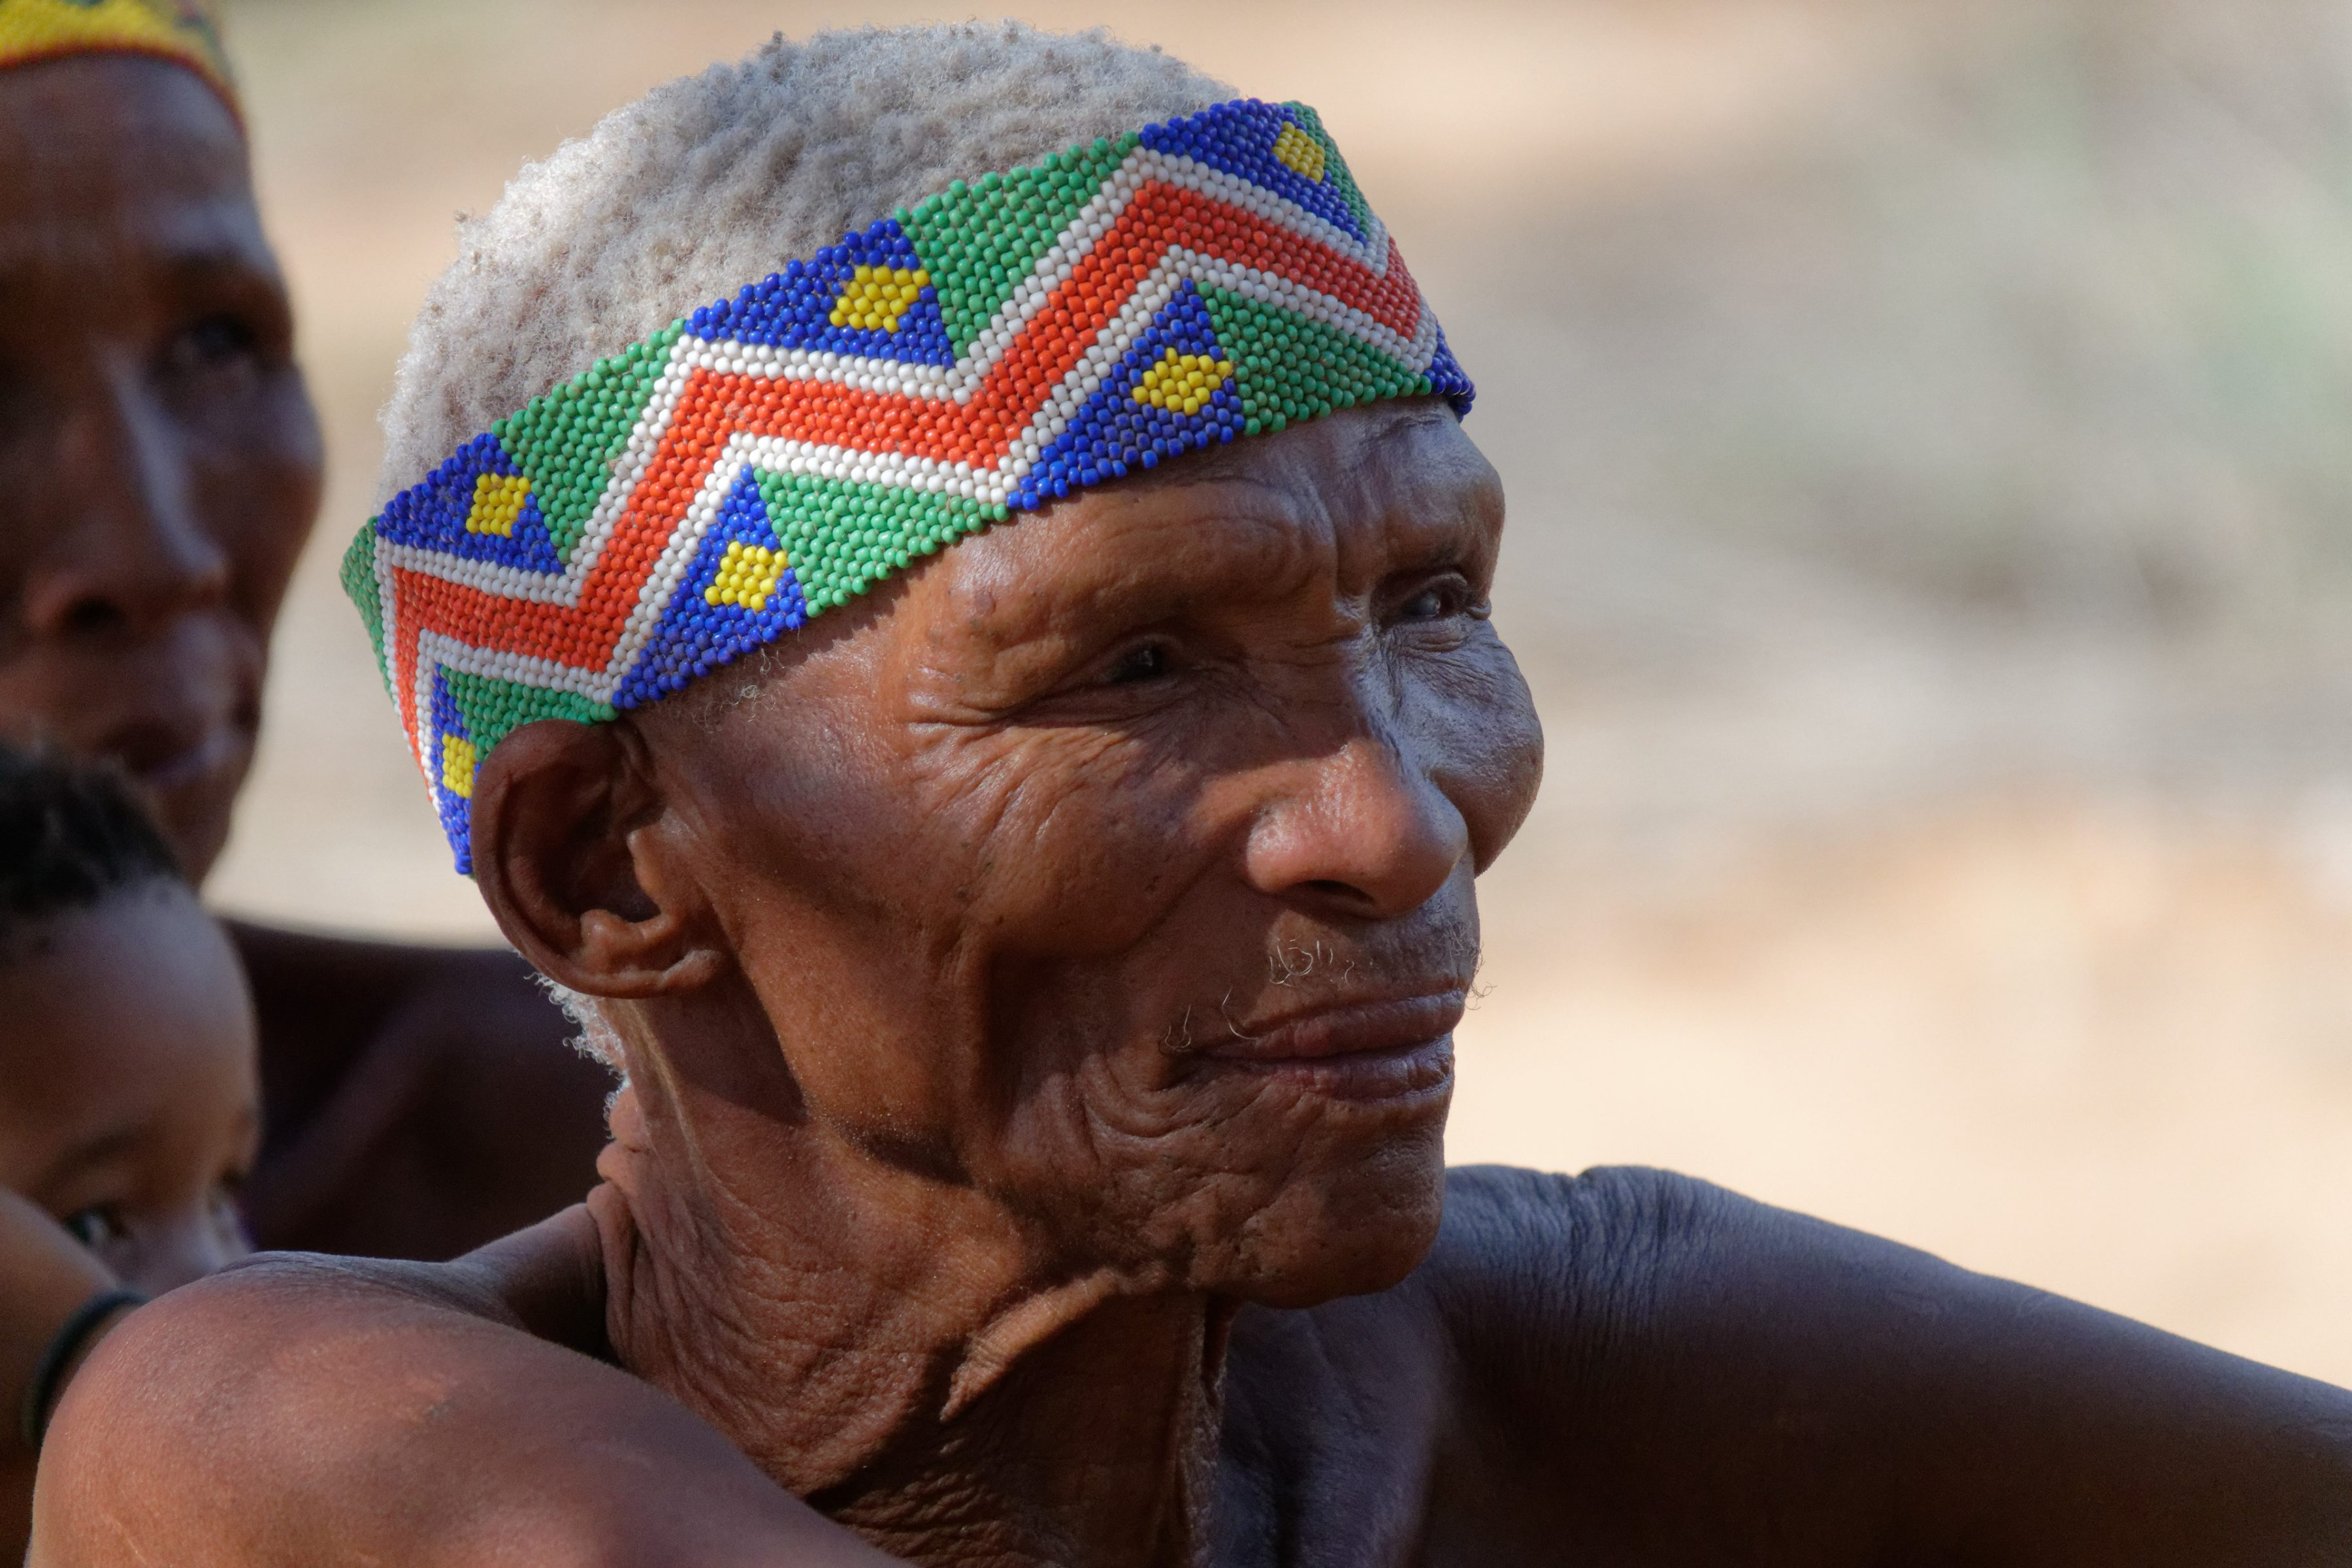 Namibie-2019-04-22, 15h27mn36s - S_2212_blog